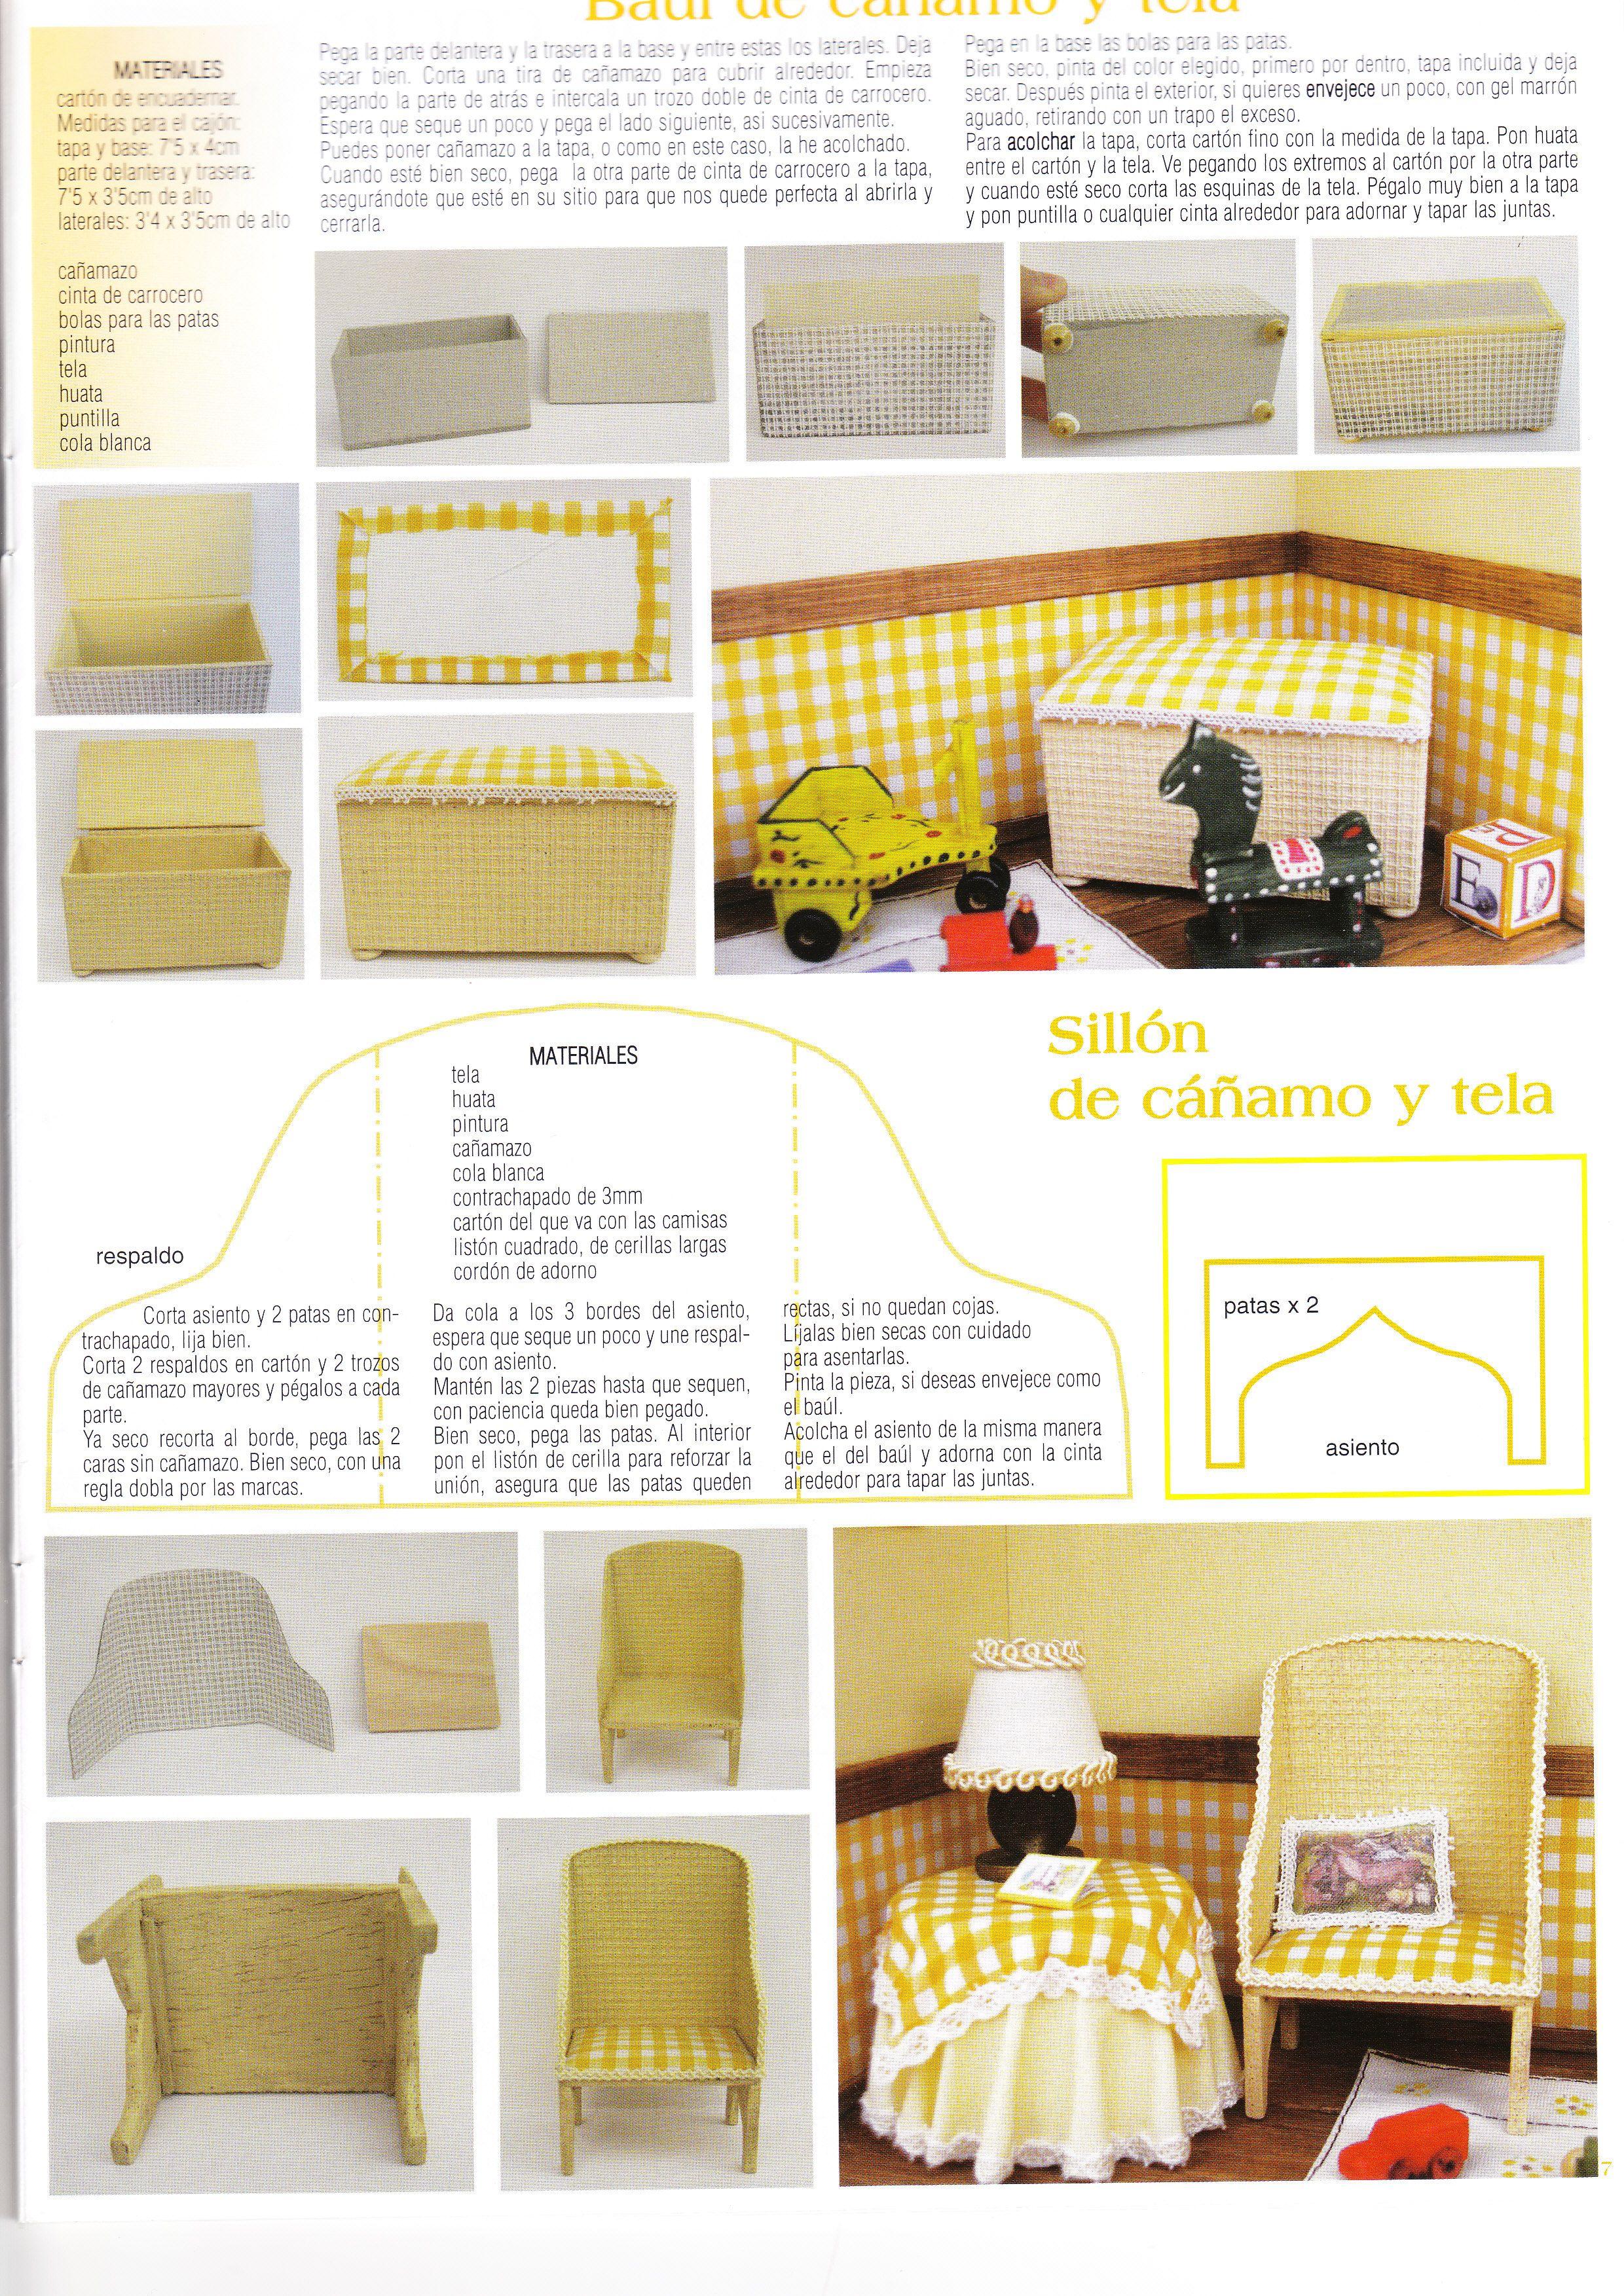 Escena bebé y tutoriales muebles | cuarto bebé | Pinterest | Escena ...